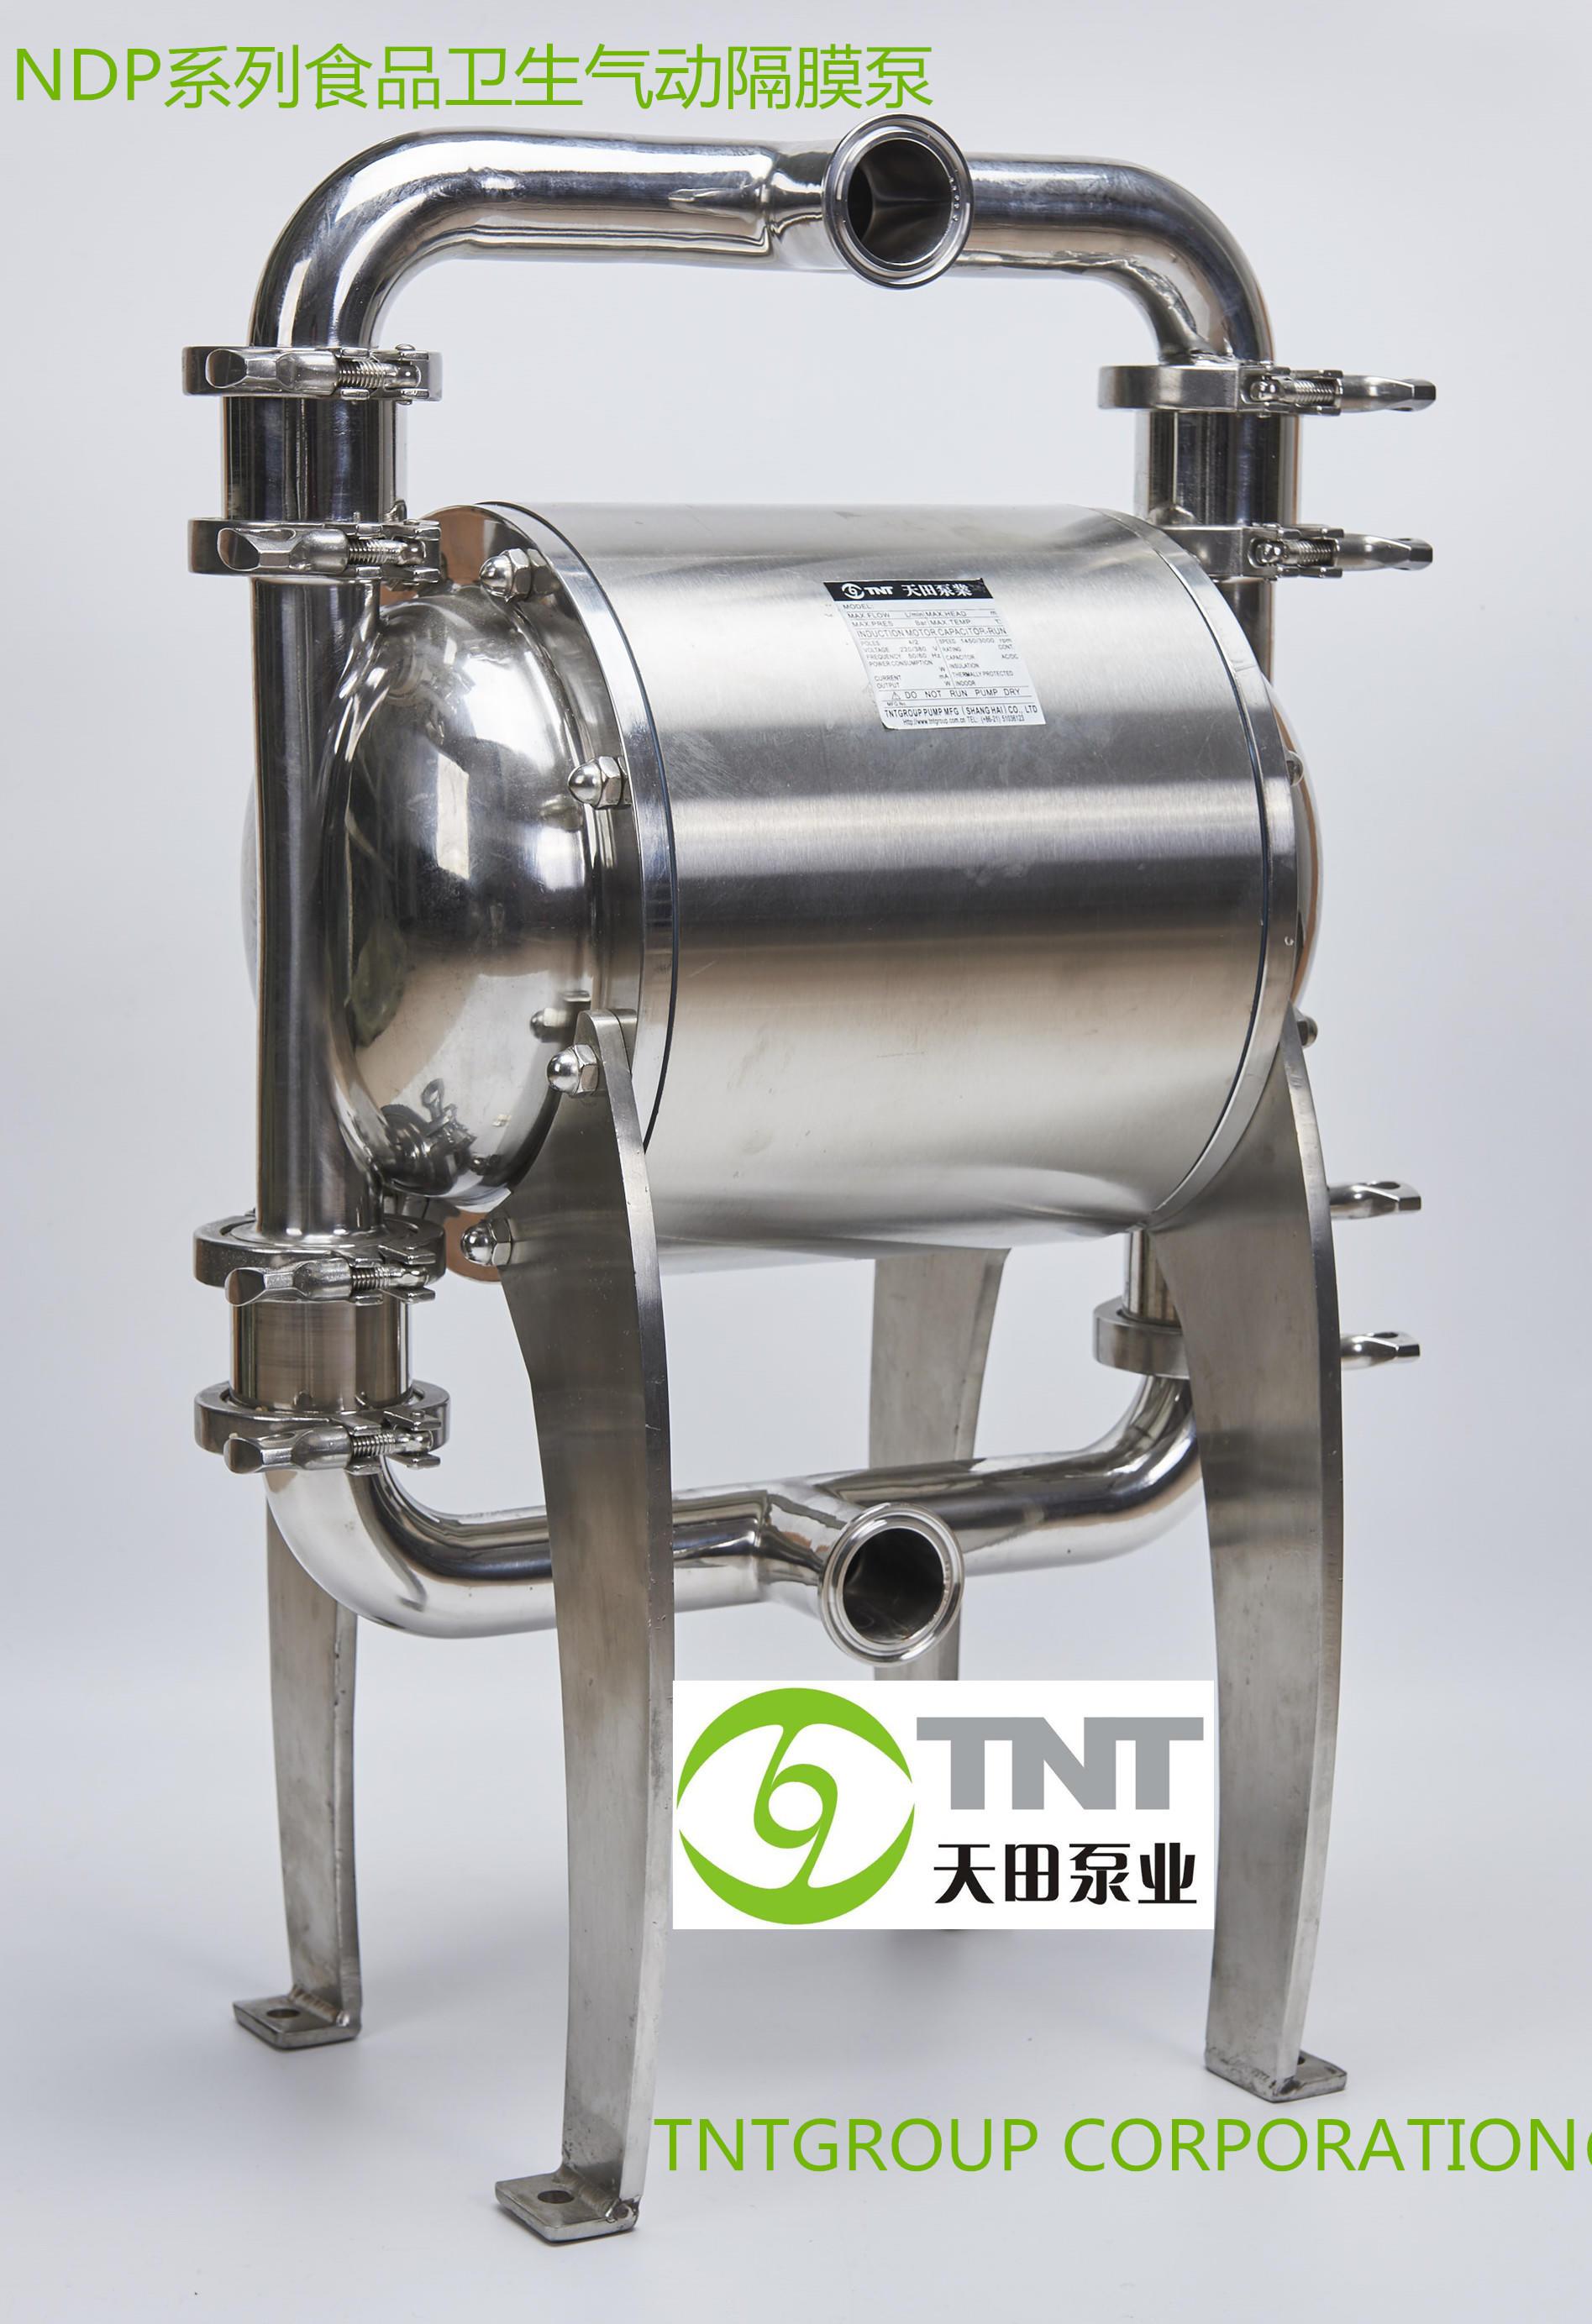 FDA系列食品卫生气动隔膜泵2_副本.jpg